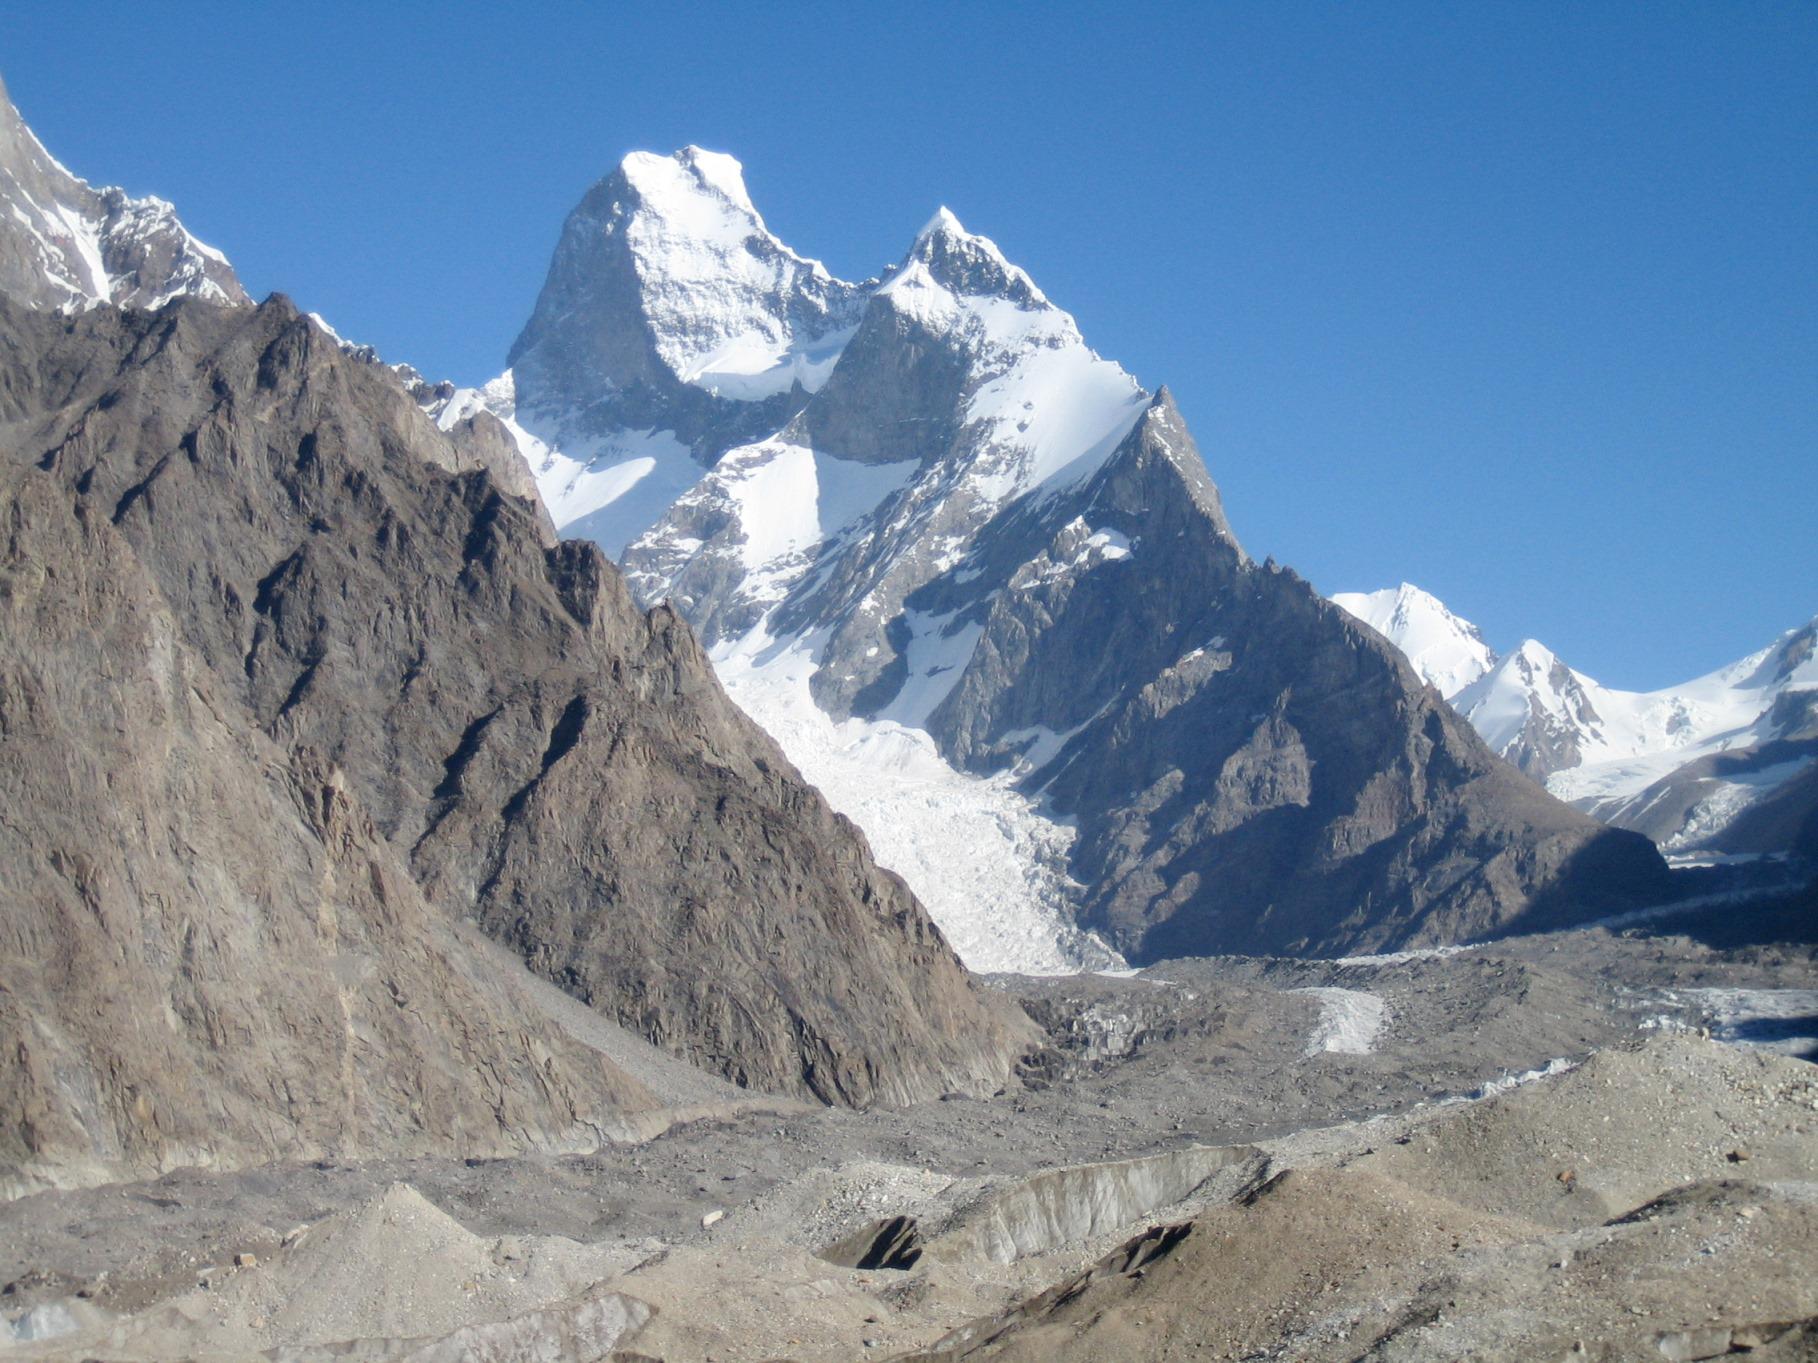 バルトロ氷河沿いからの名峰の数々 ④ムスターグ・タワー(7,284m)